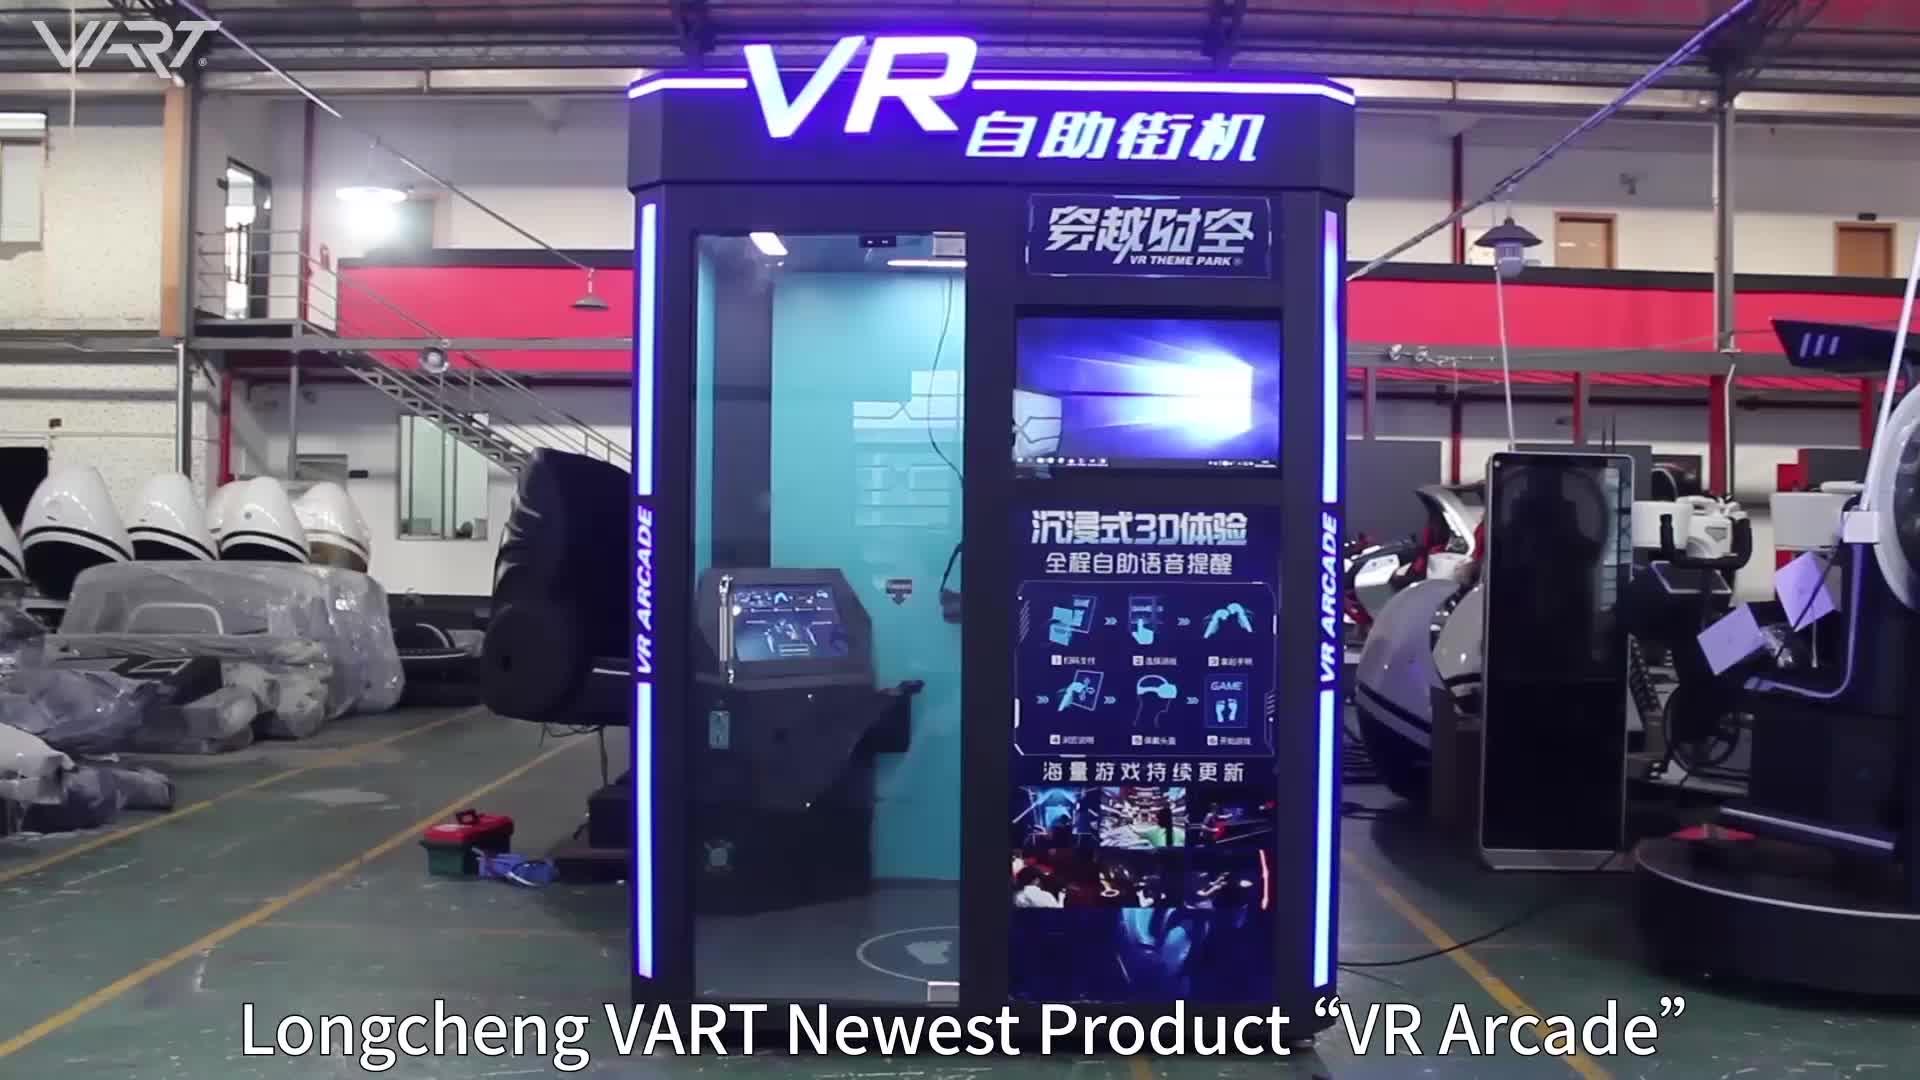 فكرة تجارية جديدة غرفة الألعاب غيبوبة اطلاق النار لعبة الواقع الافتراضي مركز الاستثمار الظاهري